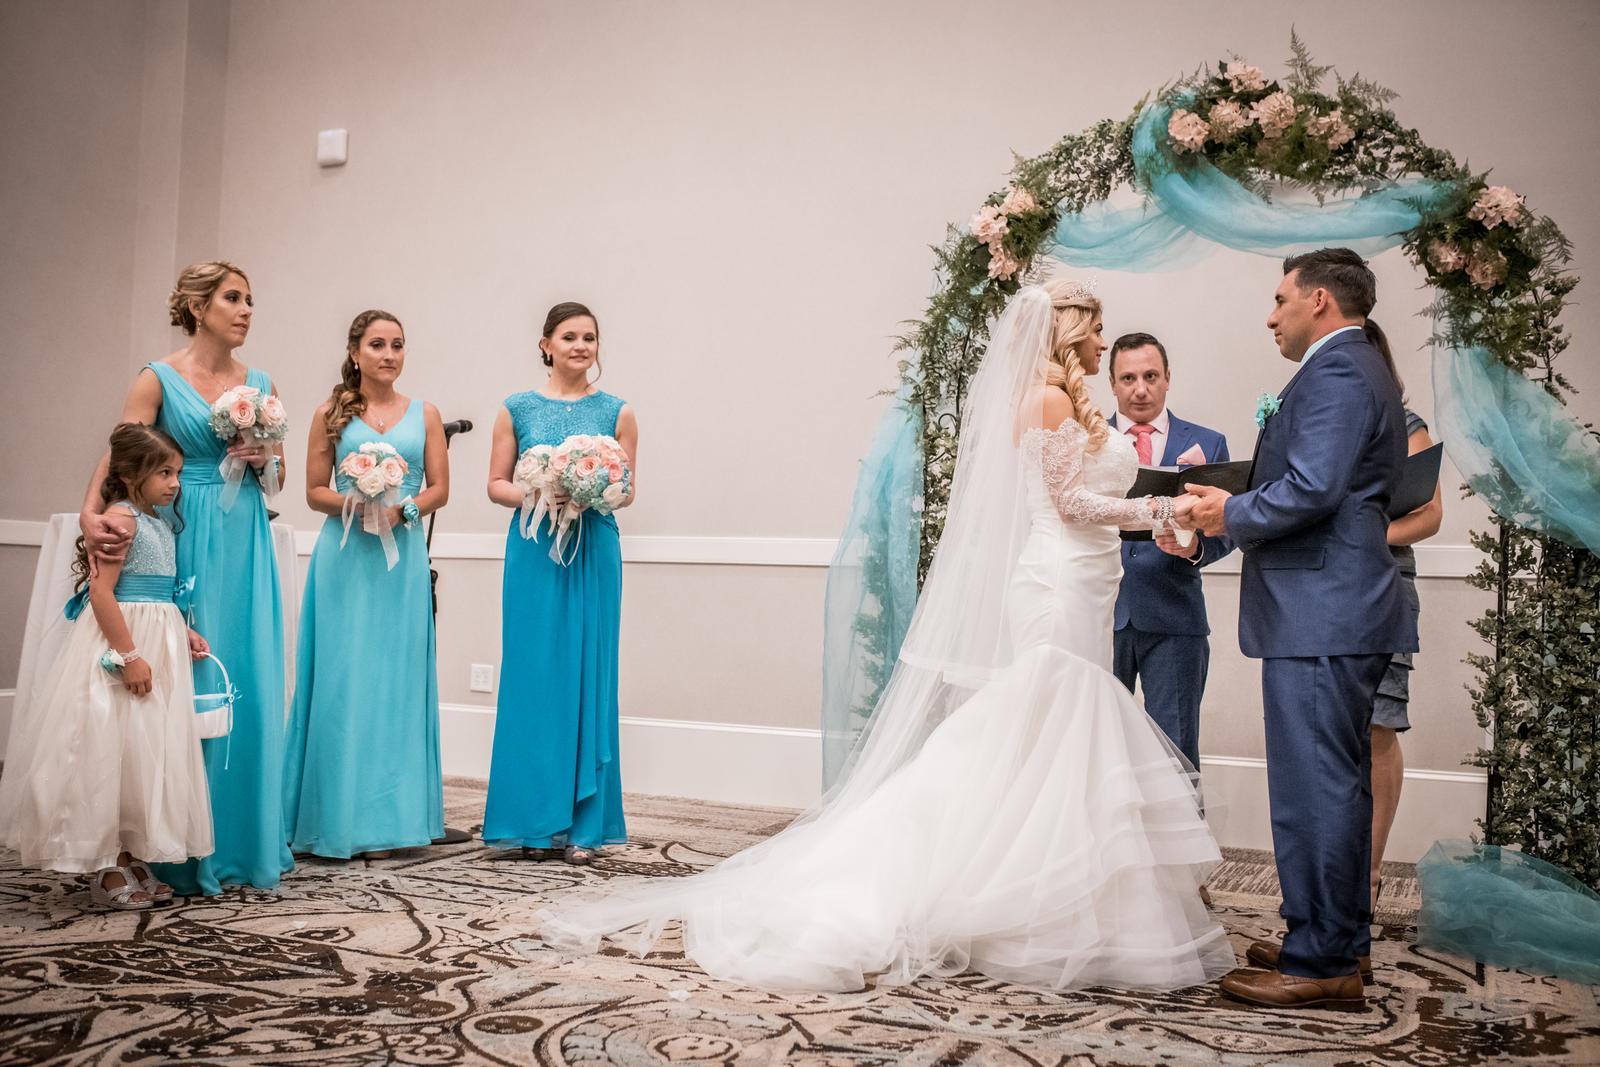 Svatby v zahraničí ♥ Destination Weddings ♥ - Obrázok č. 4